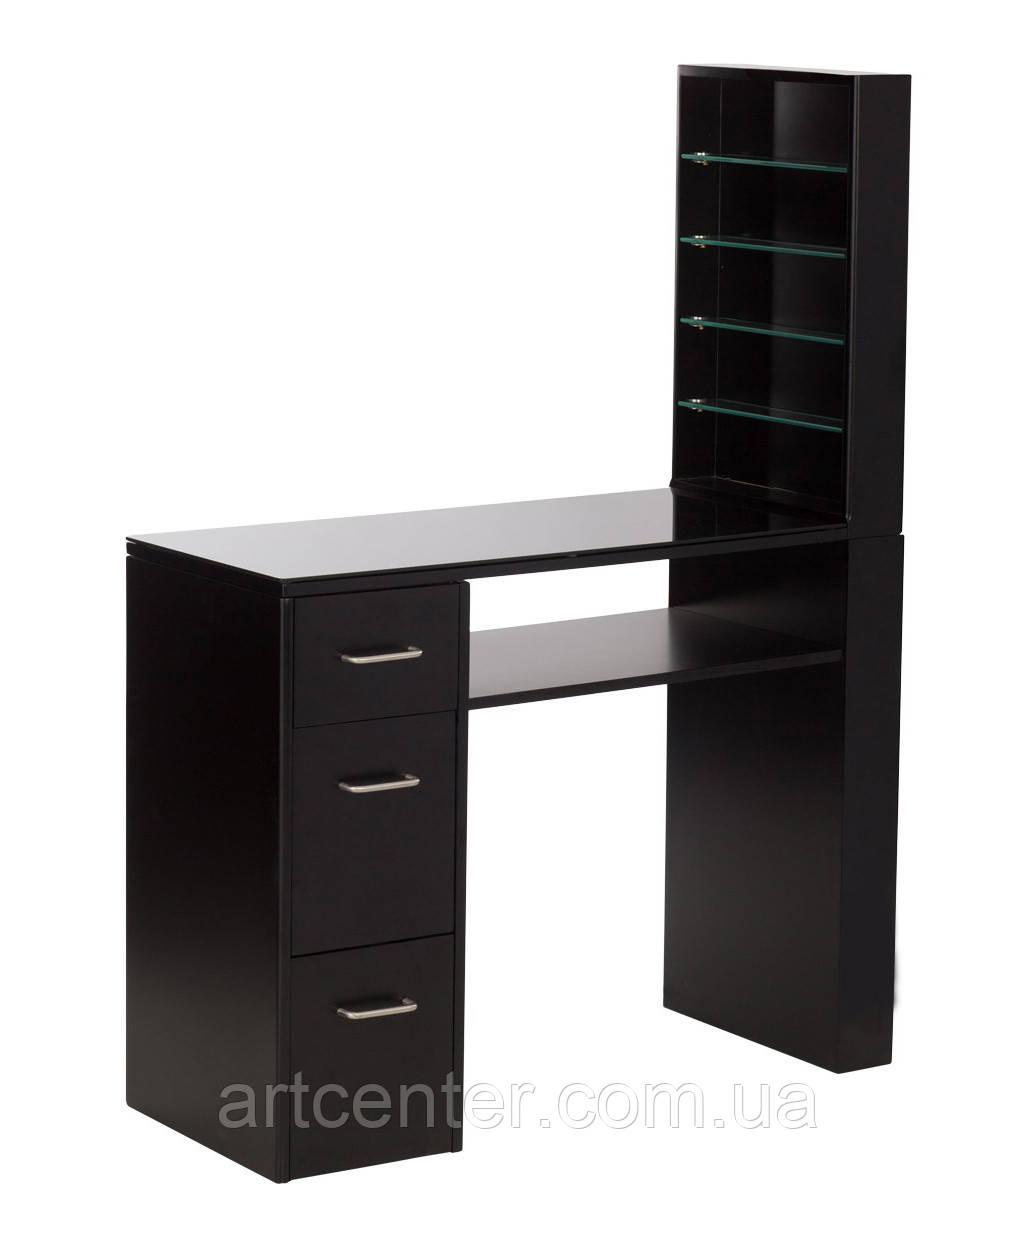 Манікюрний стіл з вітриною для лаків, чорного кольору